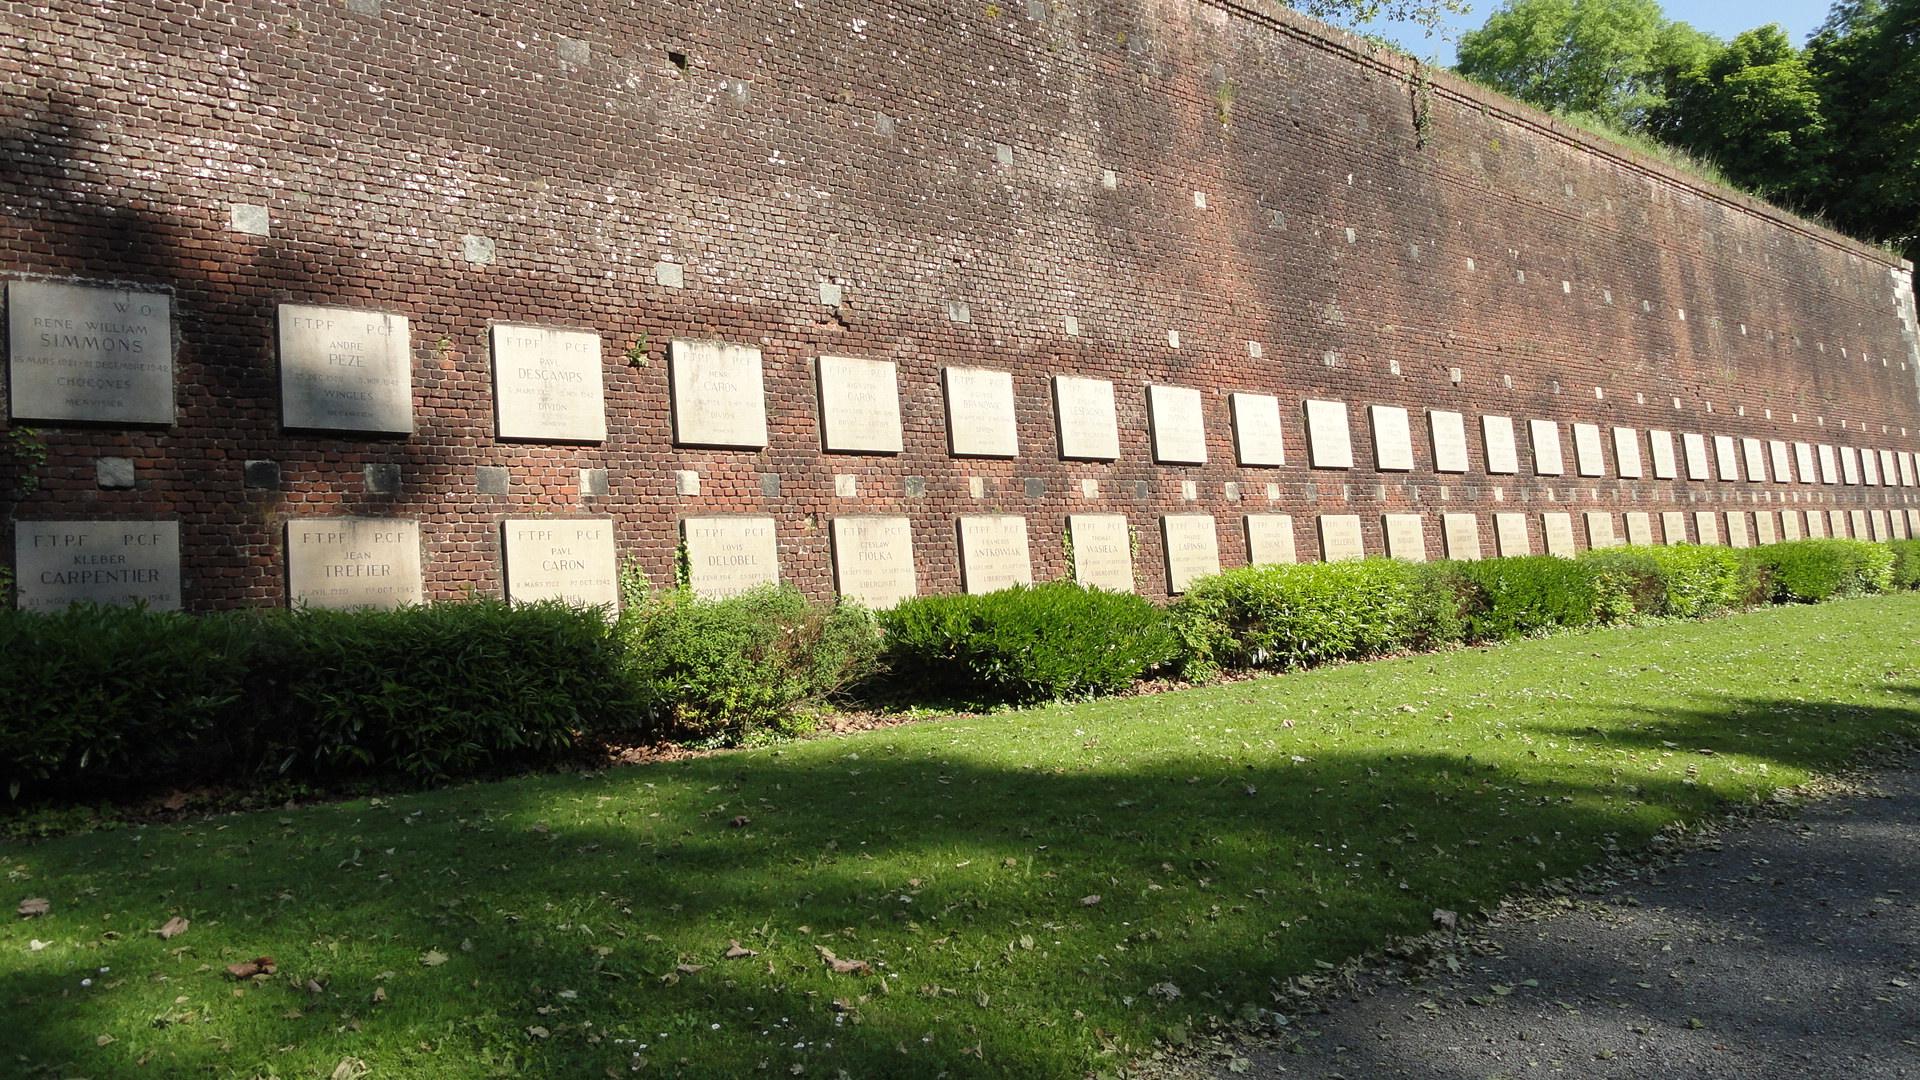 Arras le m morial du mur des fusill s un petit pois for Carrelage nord pas de calais